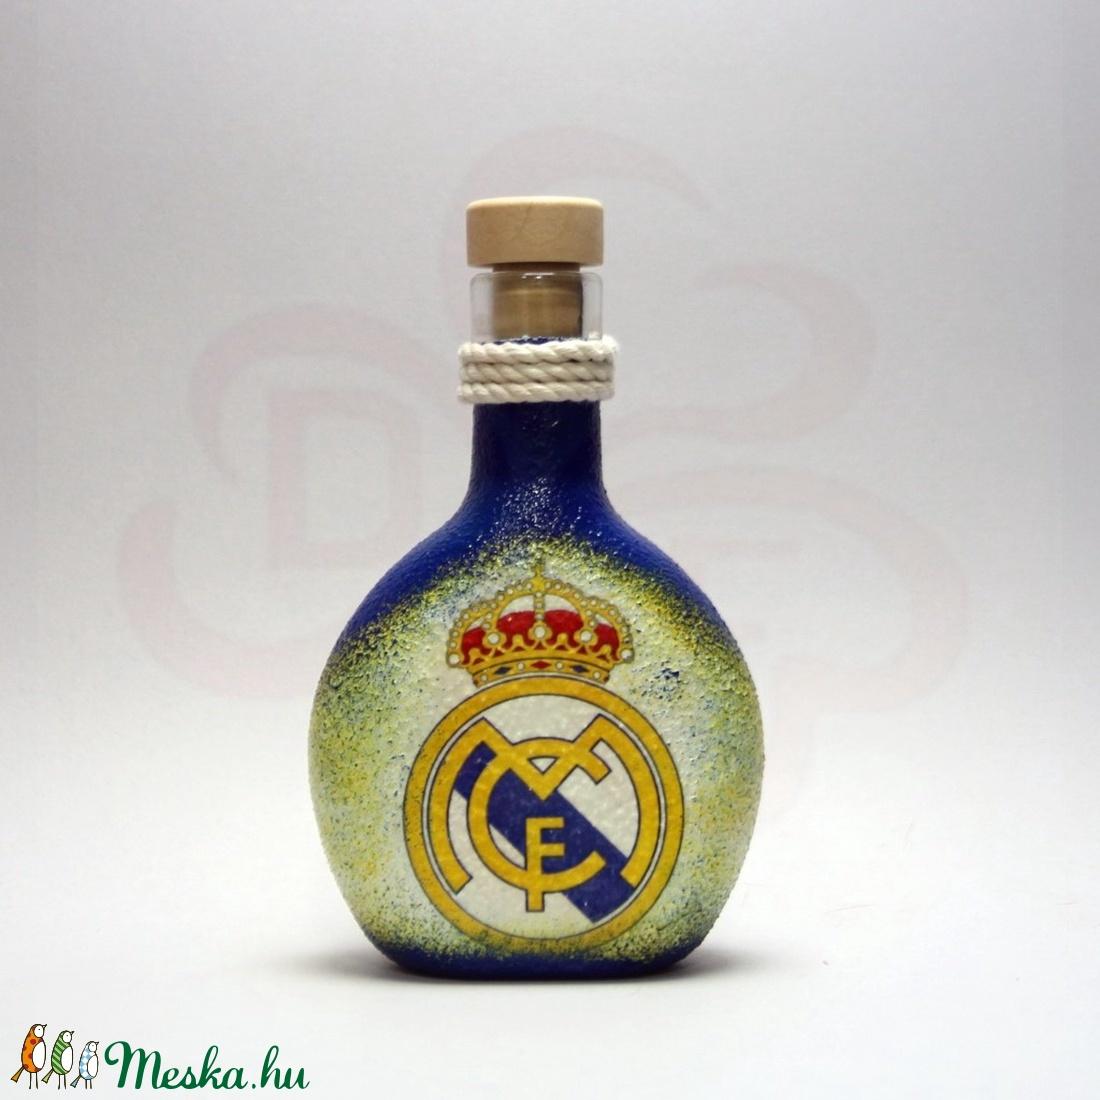 Real Madrid pálinkás flaska ; foci szurkoló férfiaknak - Meska.hu